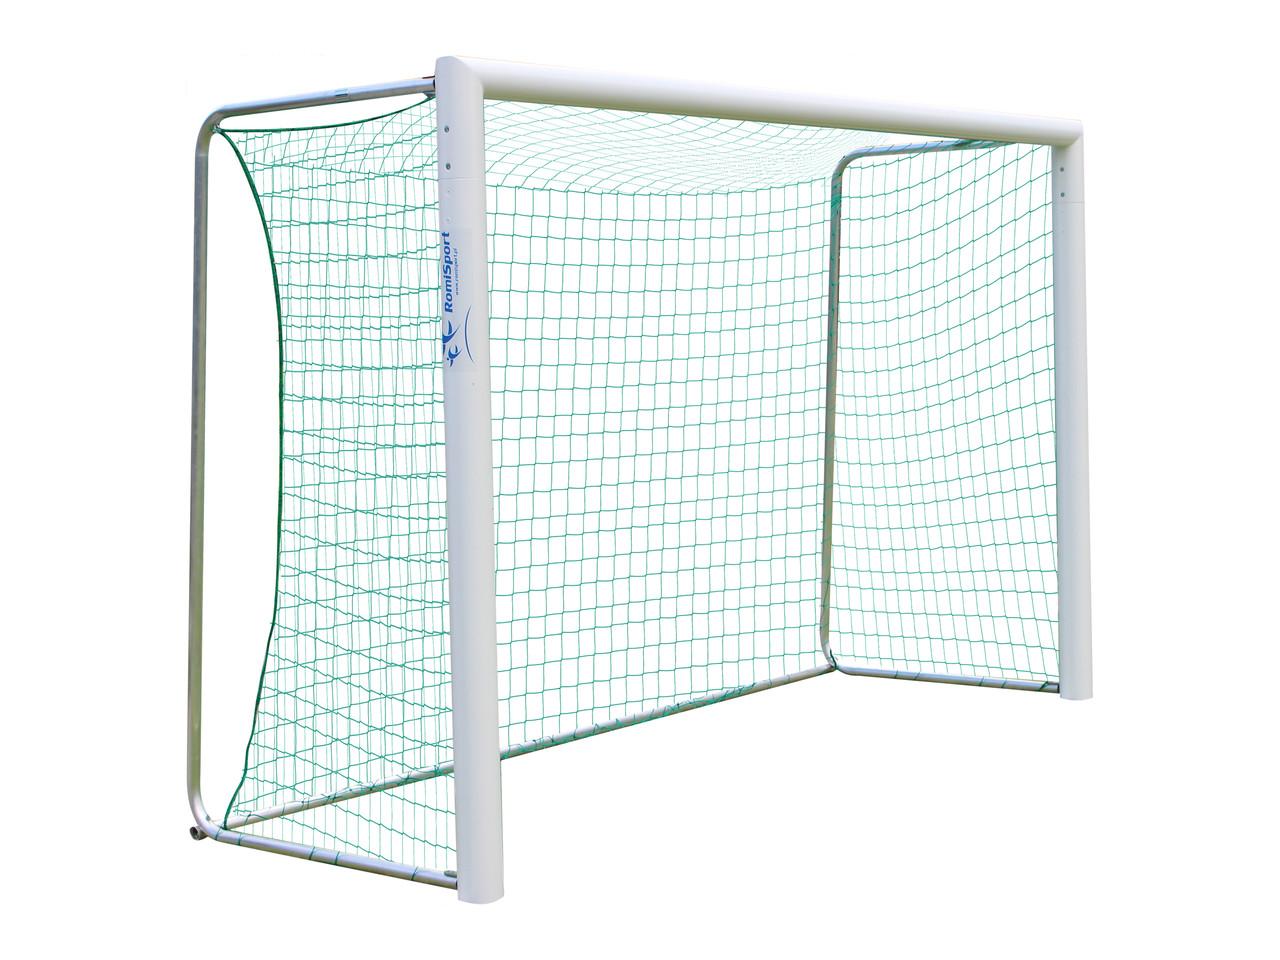 Футбольные ворота RomiSport (алюминиевые) для мини-футбола 3х2 м. FM-0014-FT